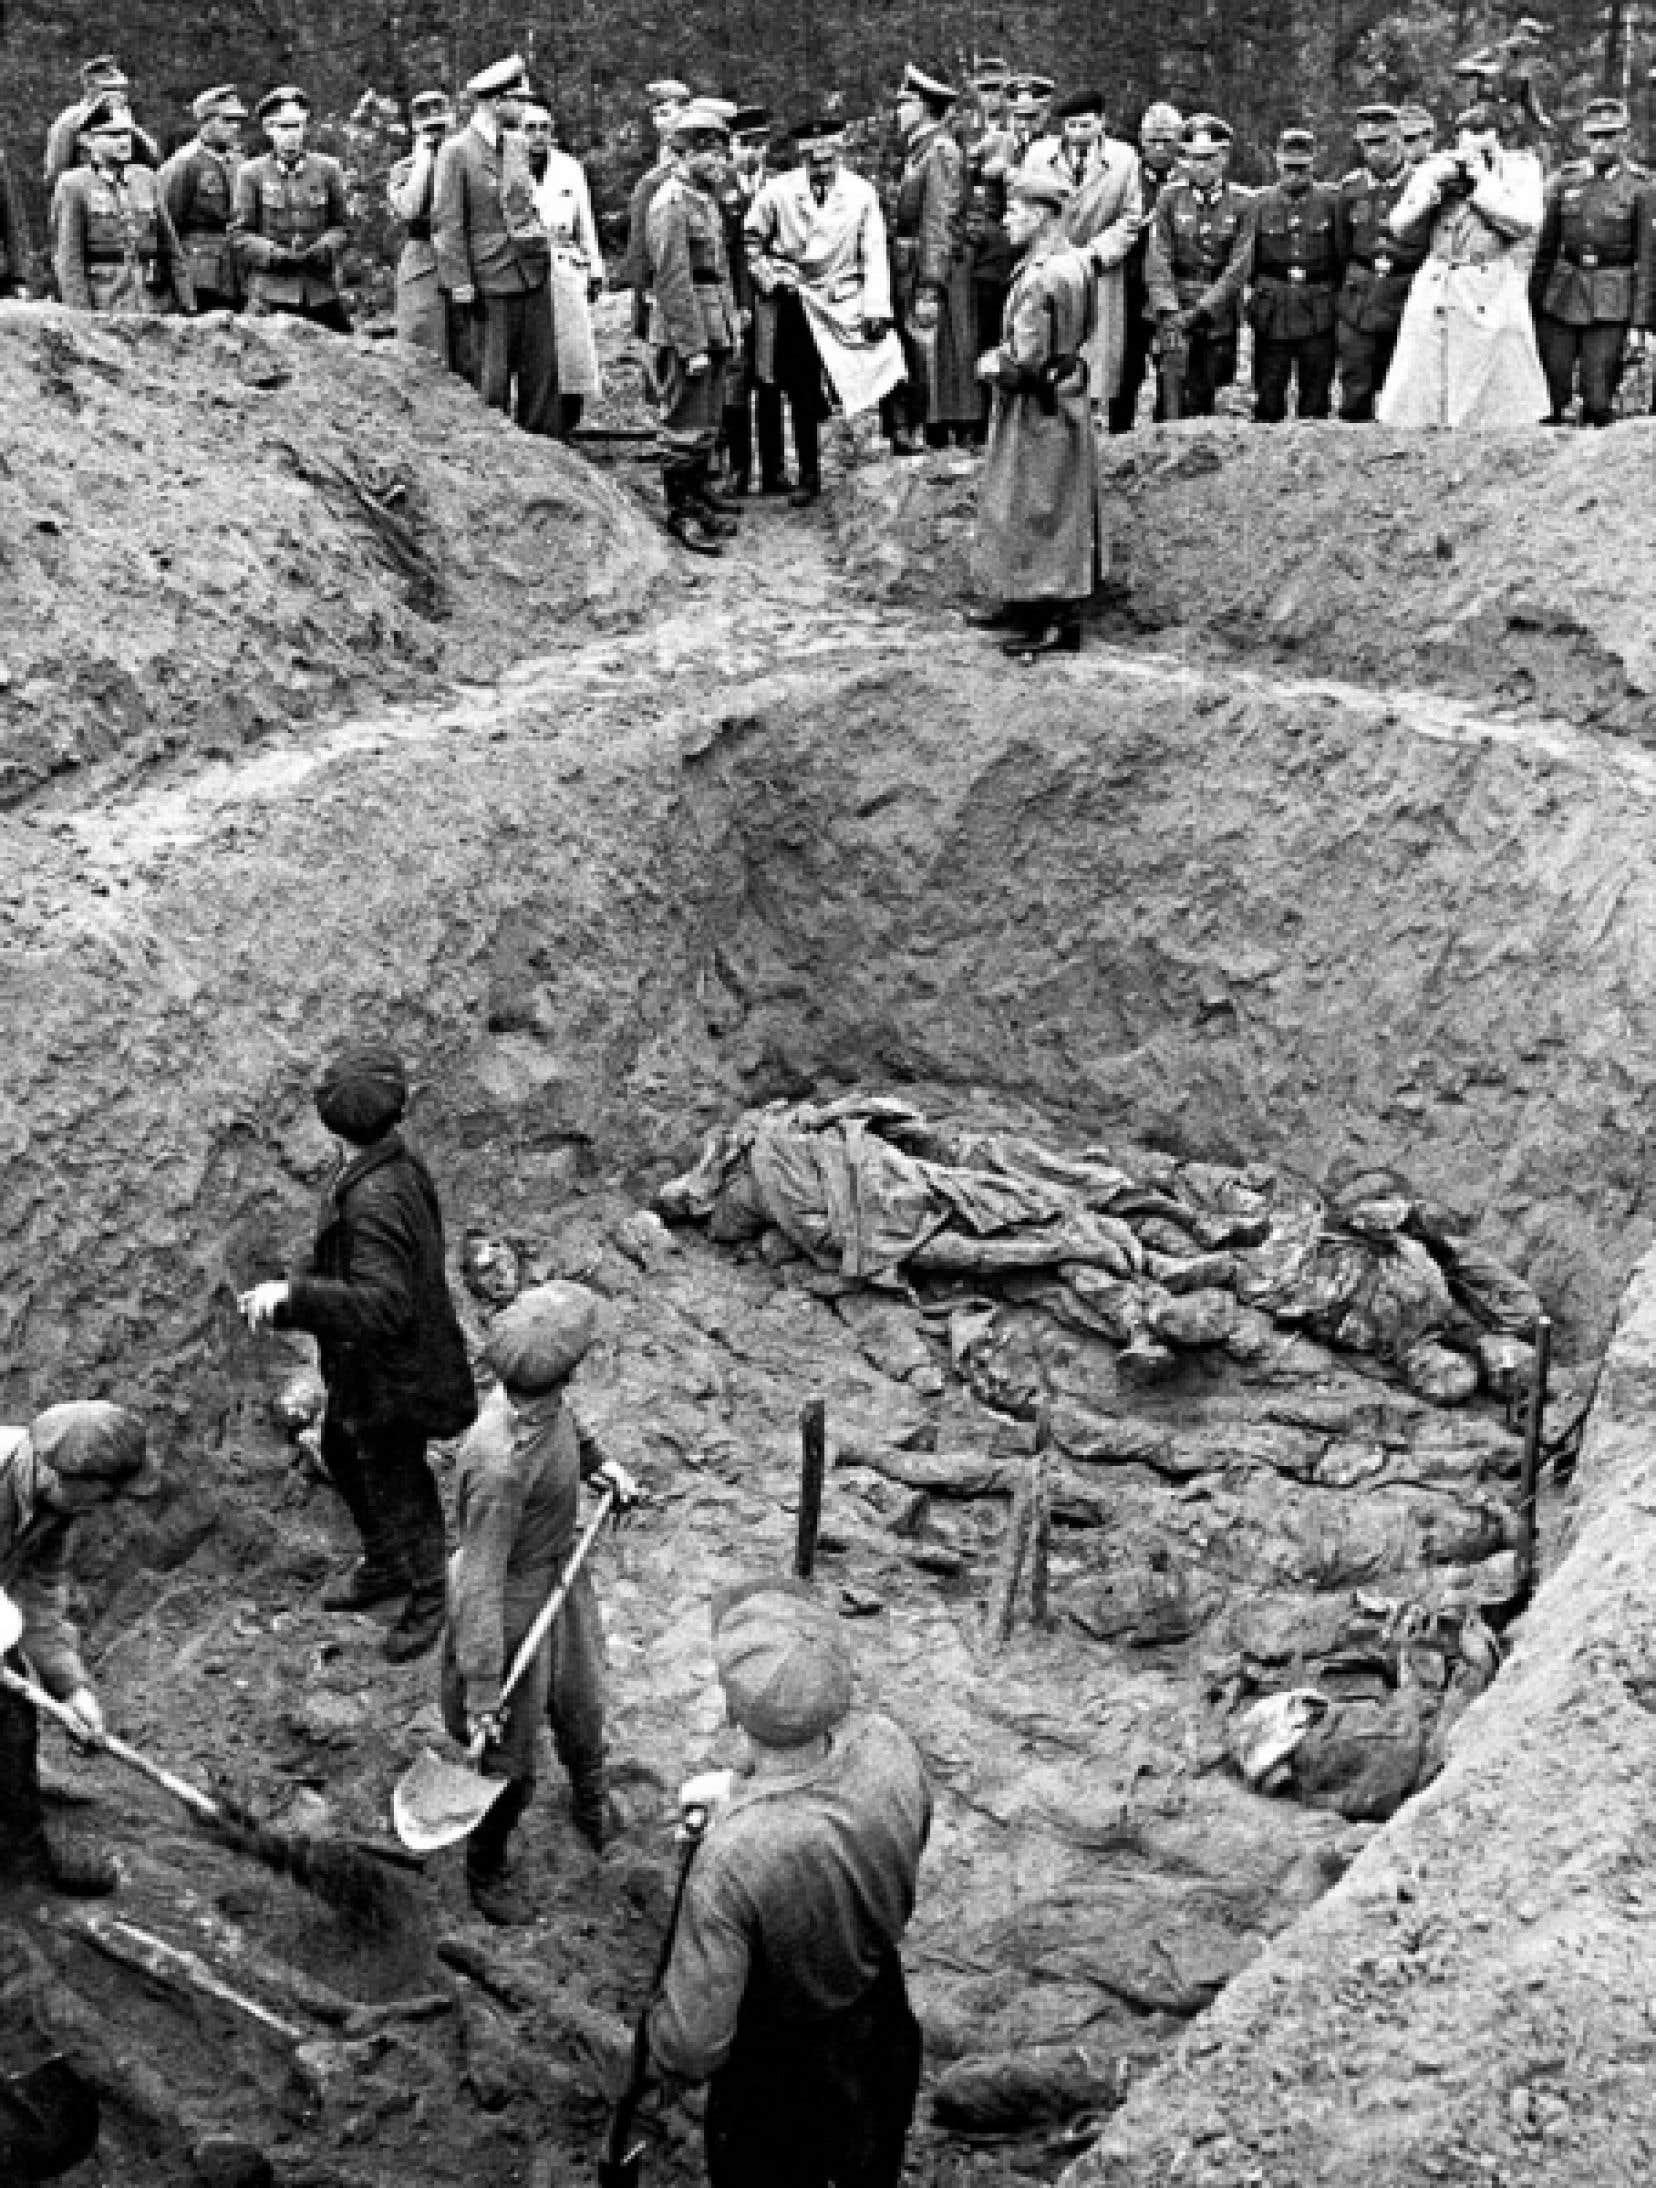 Des officiers allemands font d&eacute;terrer une fosse commune dans la for&ecirc;t de Katyn, au printemps de 1943, remplie de cadavres d&rsquo;officiers polonais abattus en masse par le NKVD sovi&eacute;tique en avril 1940. <br />